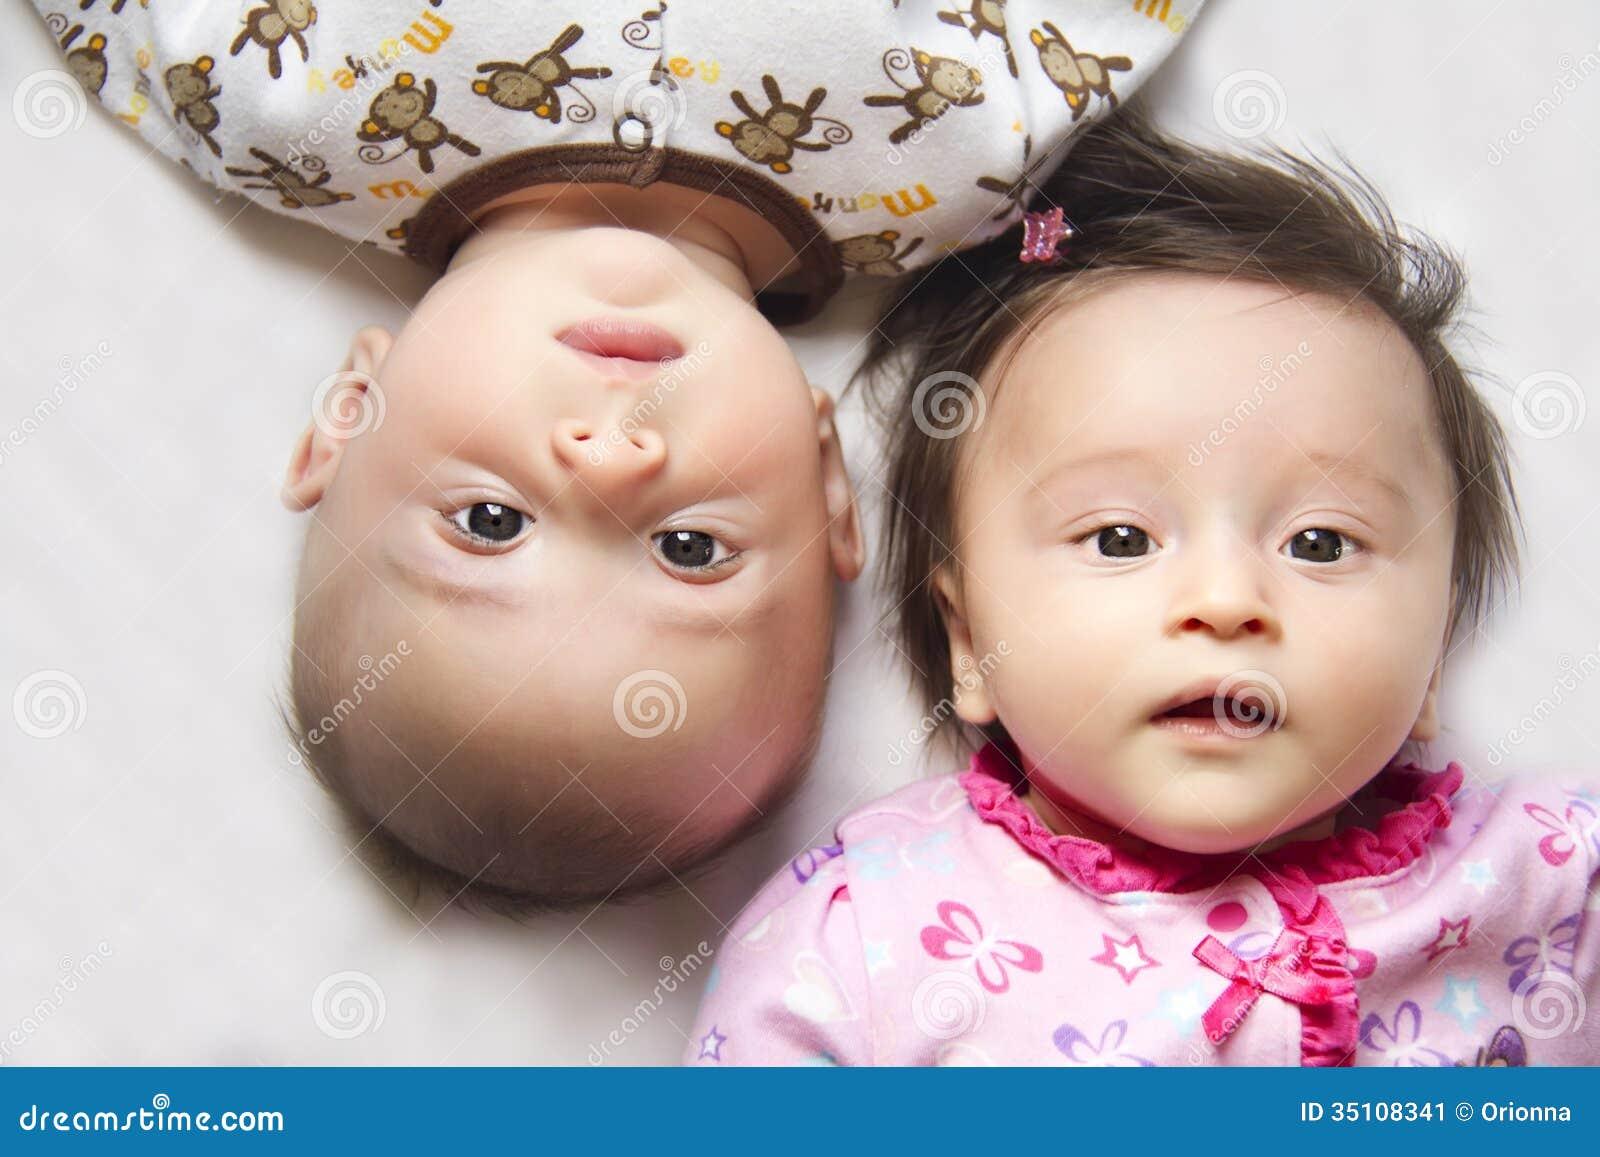 Jumeaux Fille Garçon : Chambre jumeaux garcon et fille solutions pour la